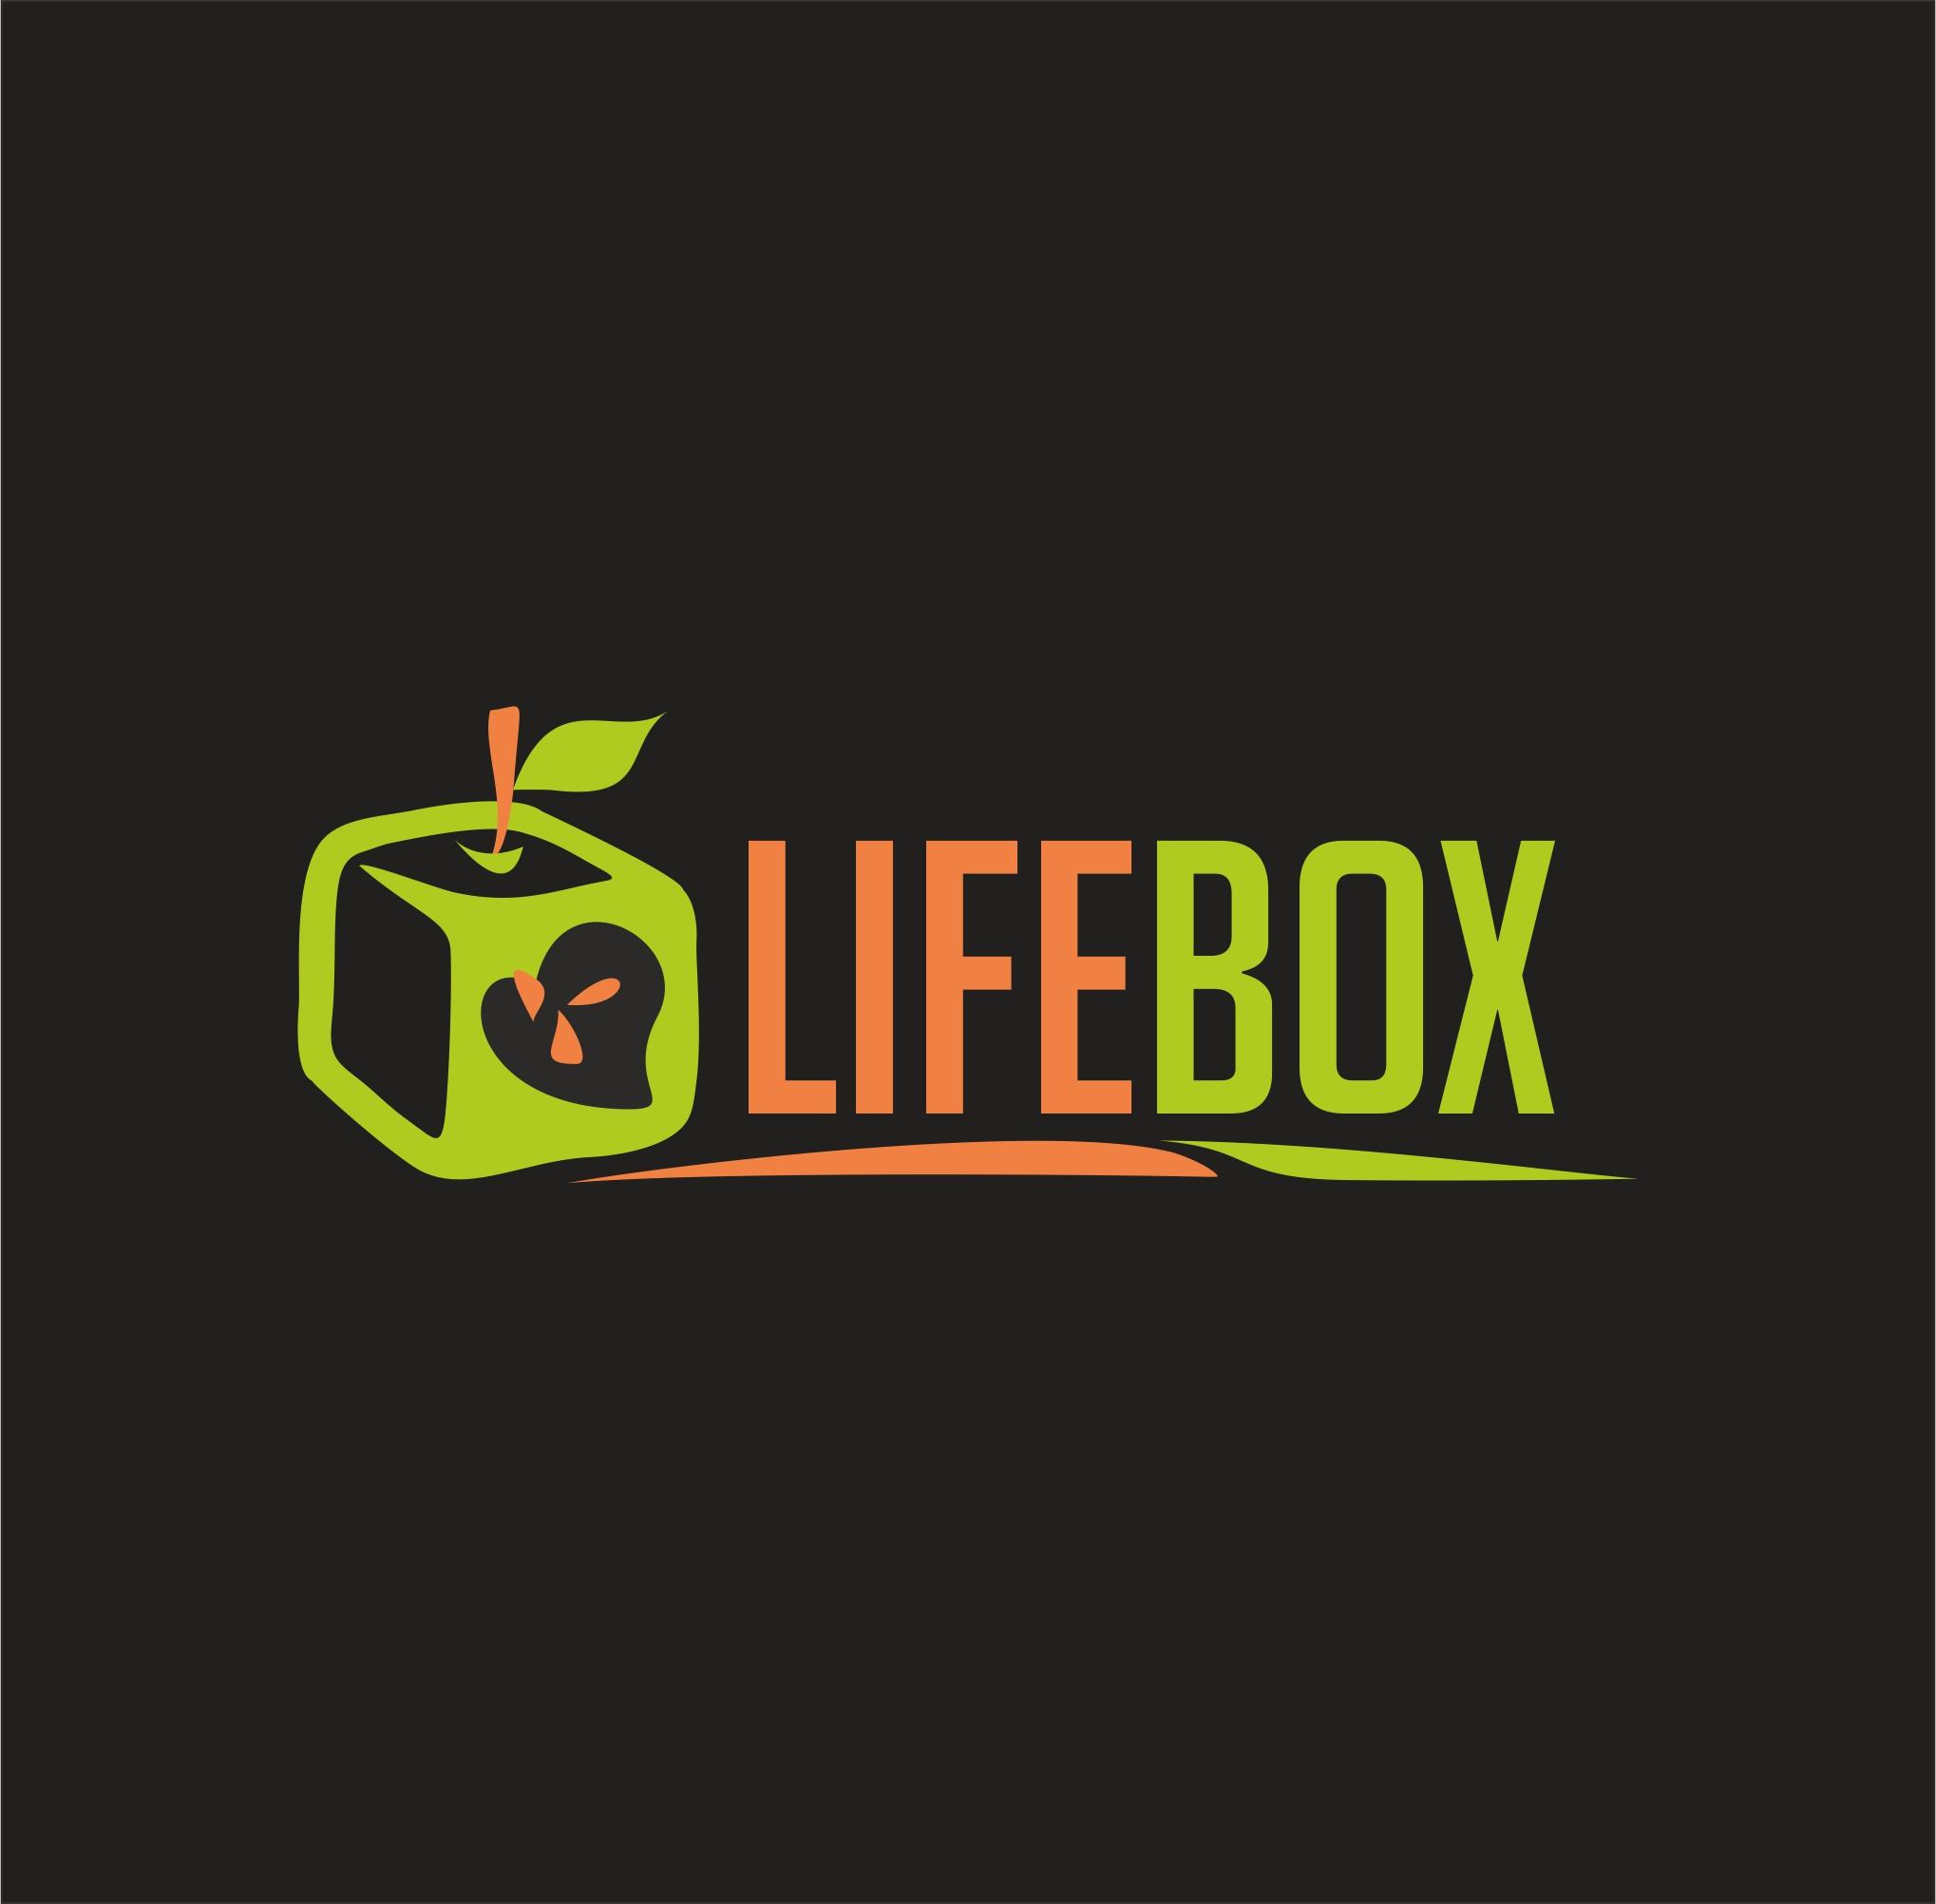 Разработка Логотипа. Победитель получит расширеный заказ  фото f_7905c3c59de6c472.jpg